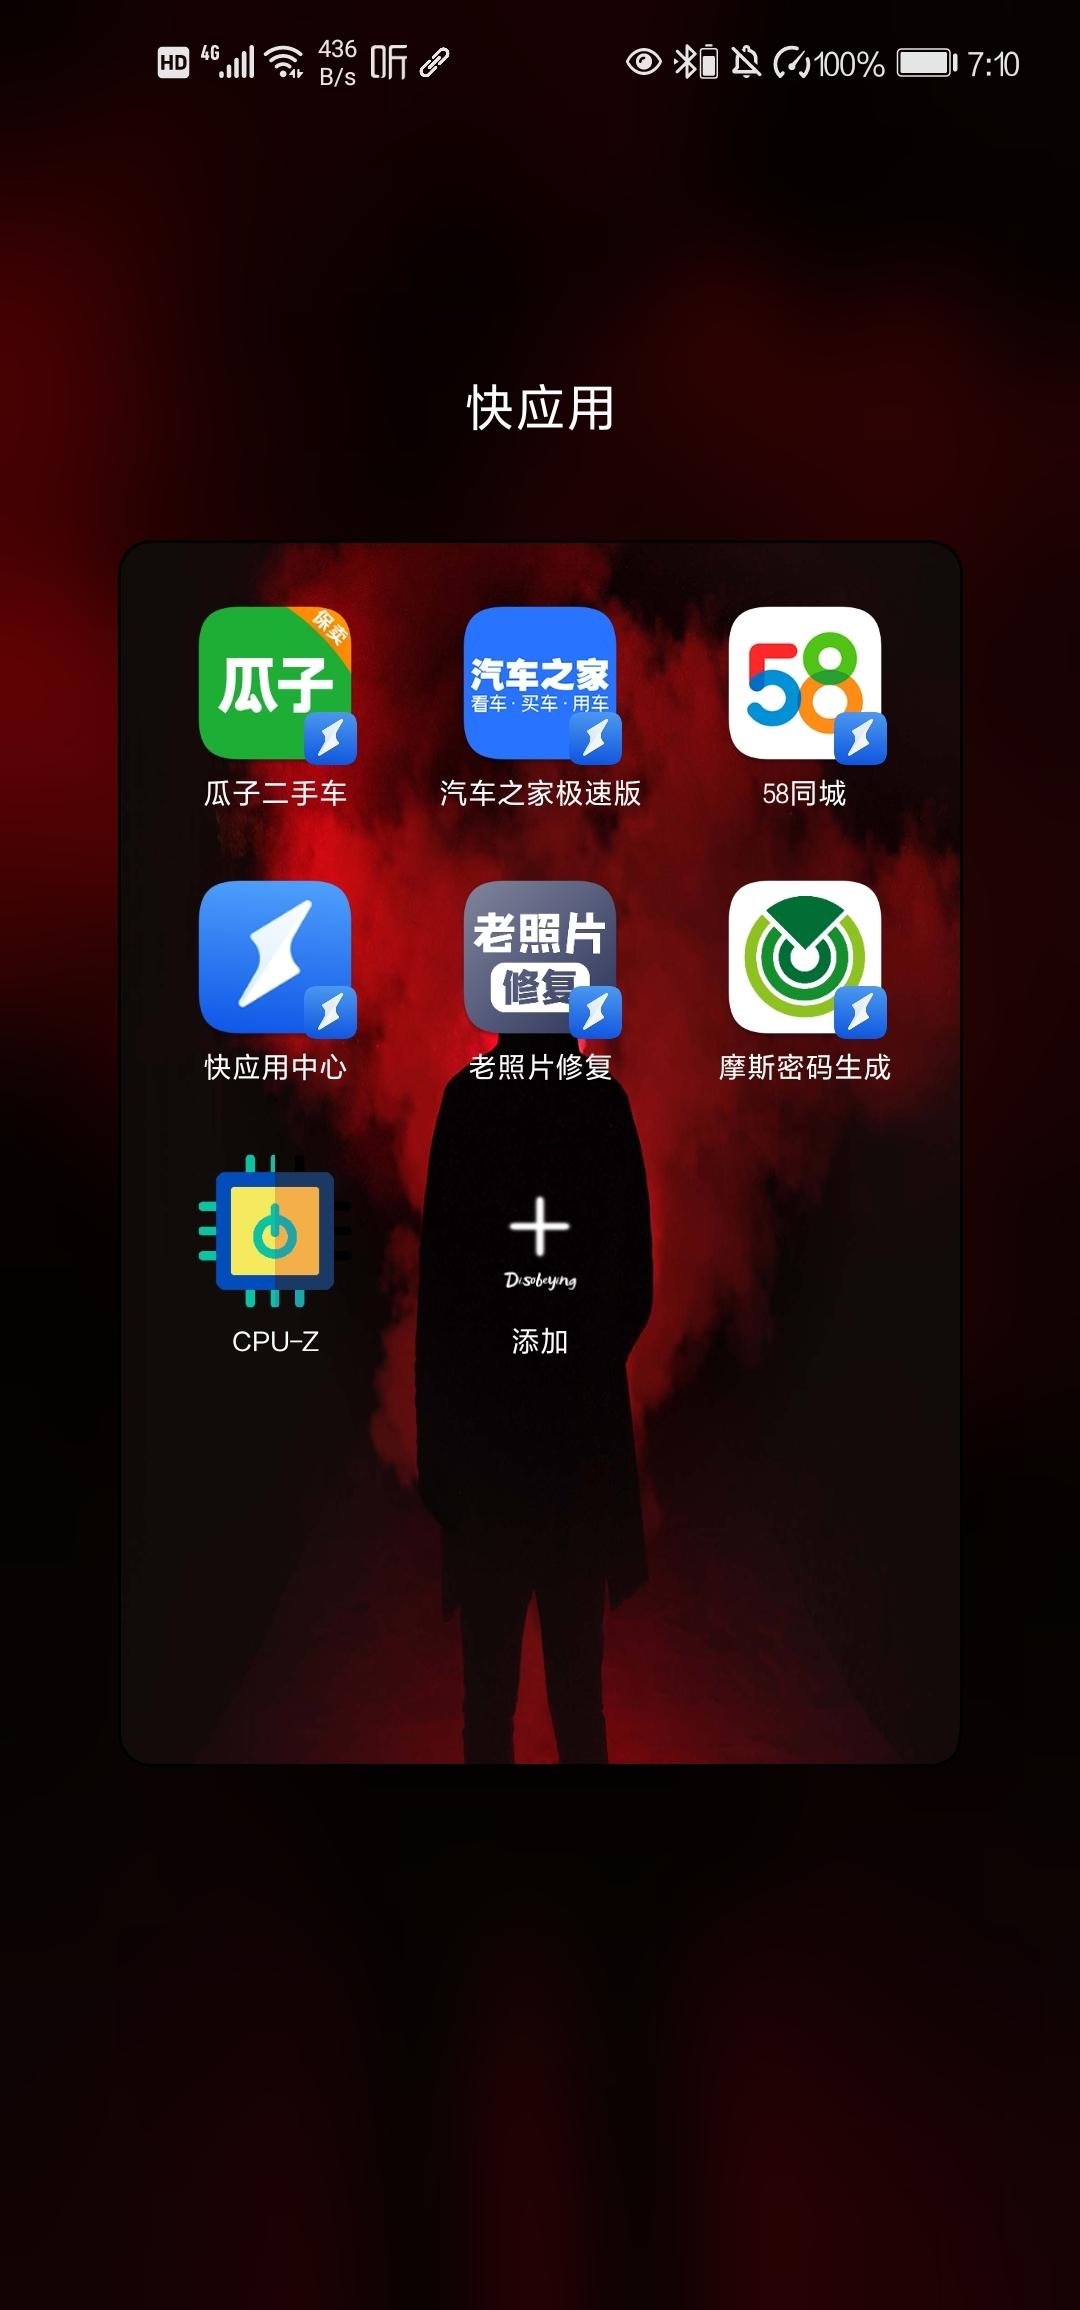 Screenshot_20200518_071006_com.huawei.android.launcher.jpg